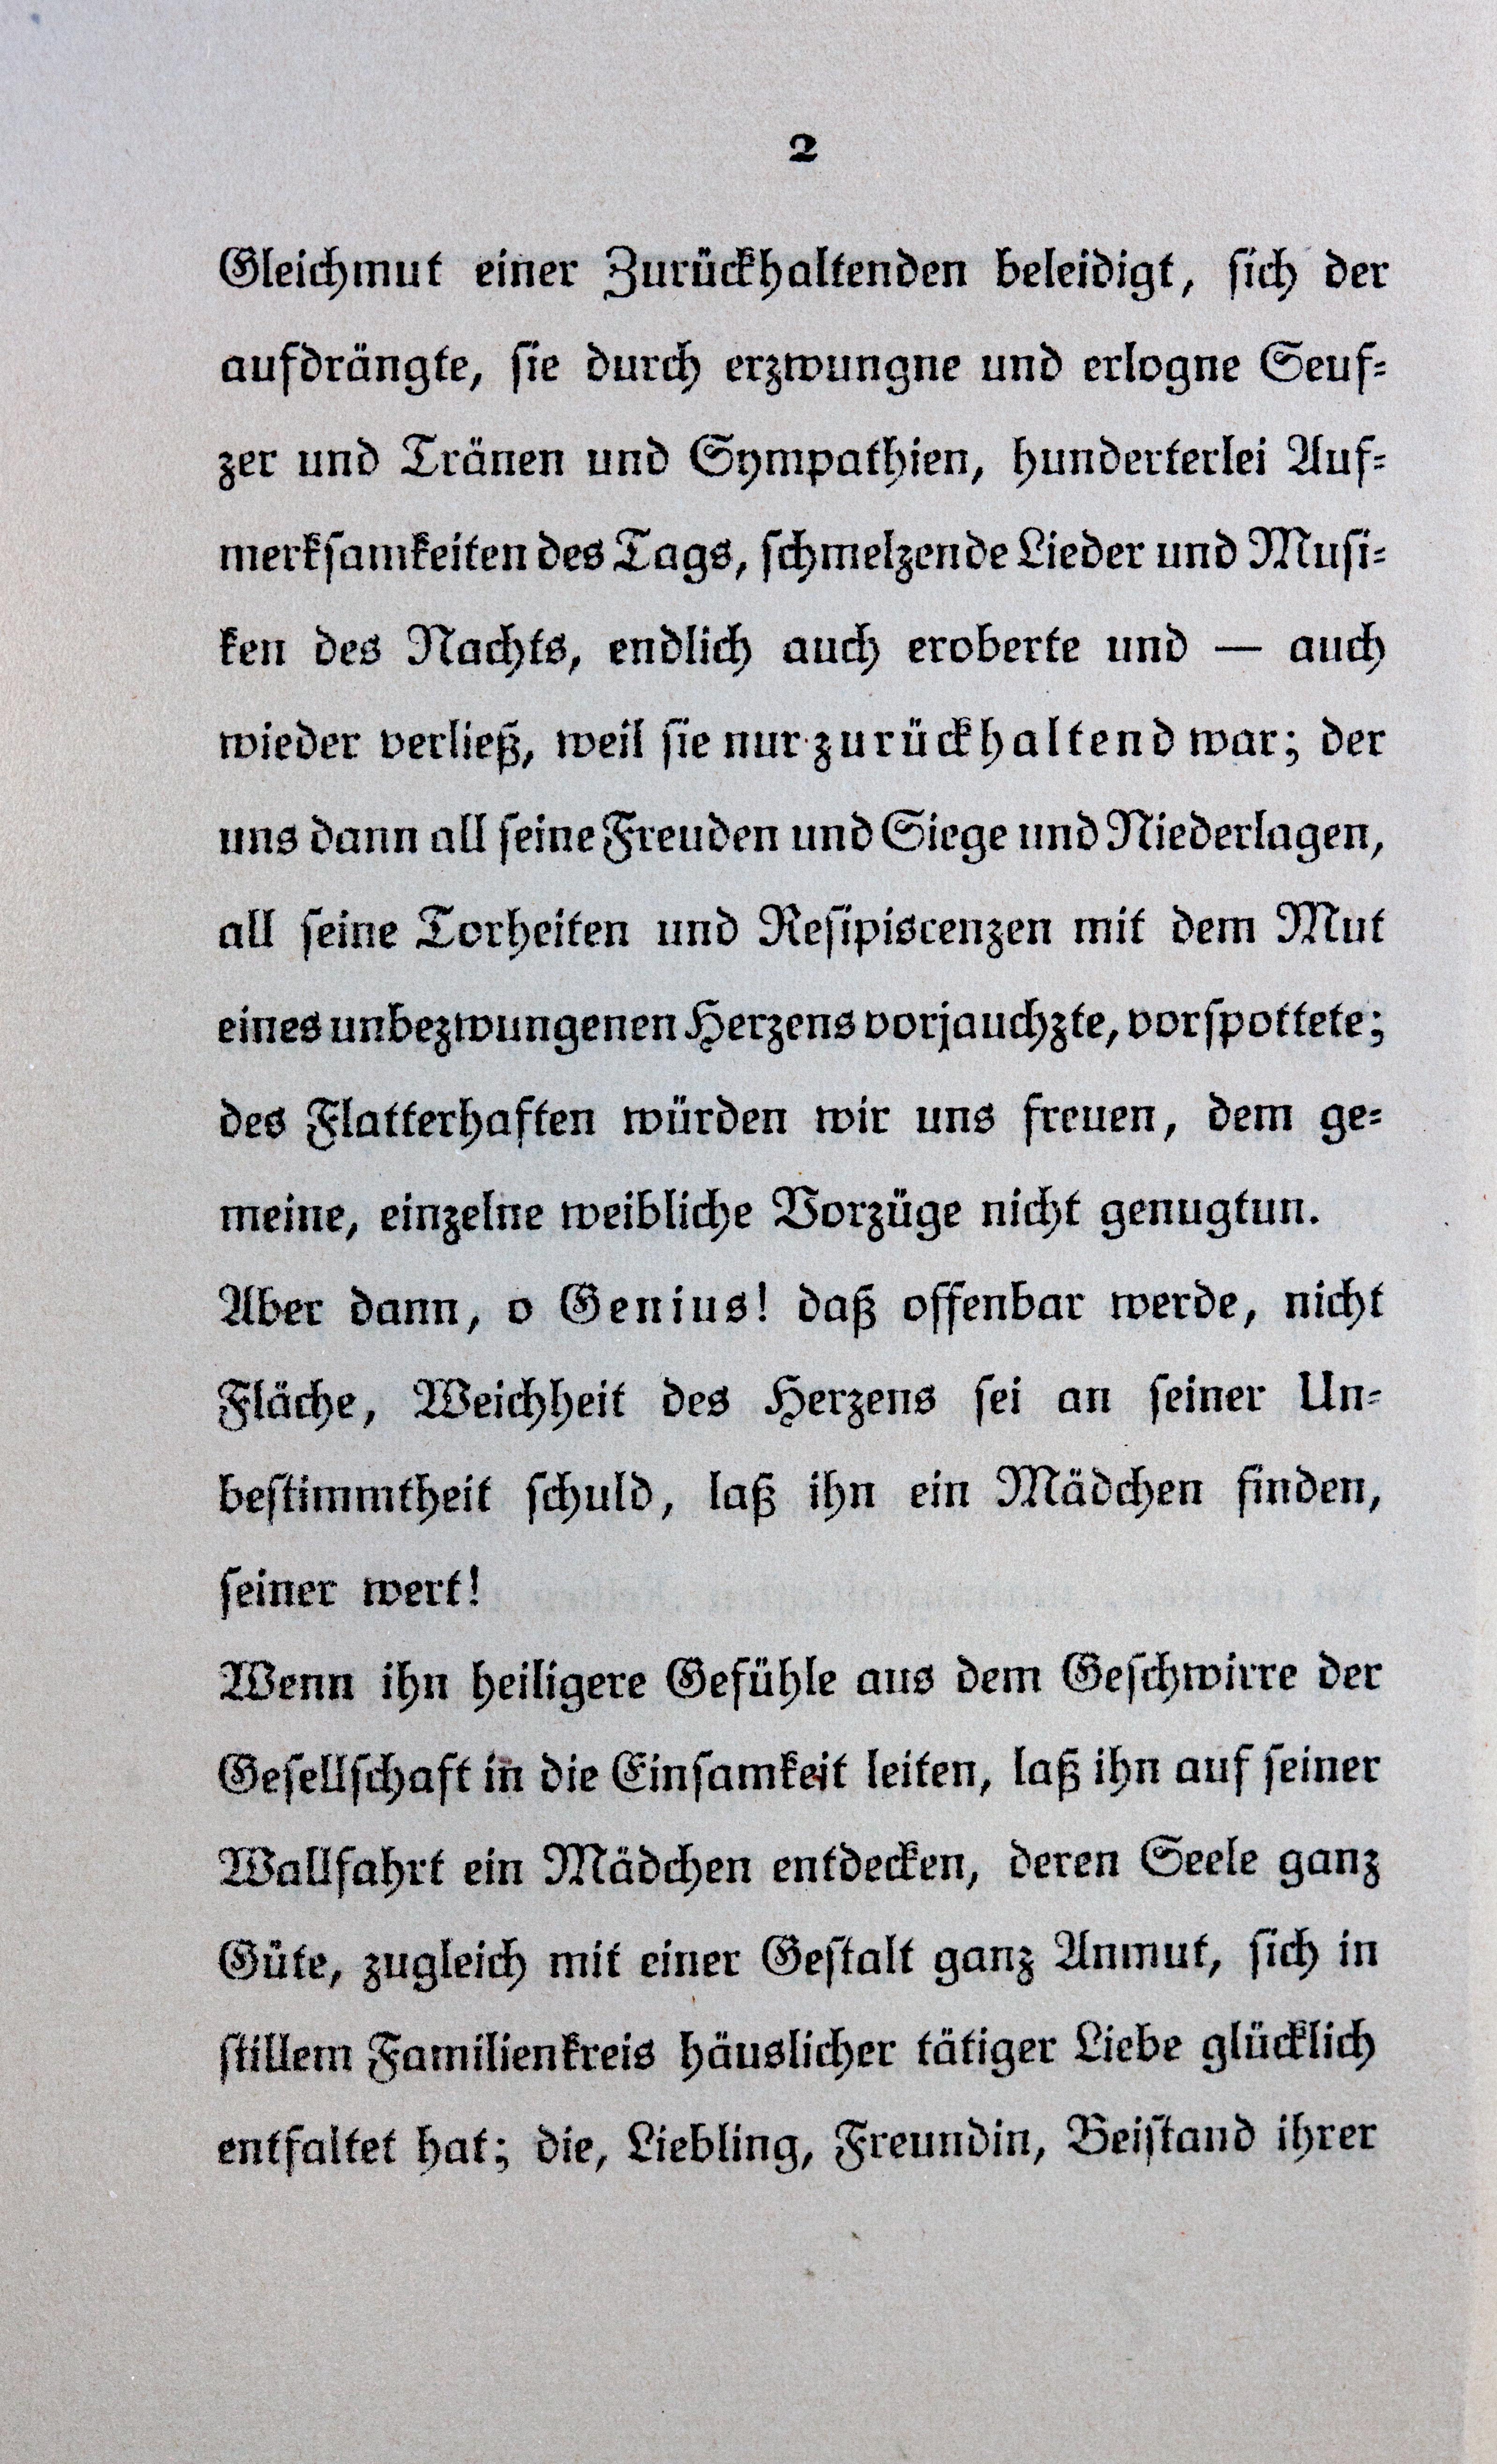 Archivogoethes Liebesgedichte Im Insel Verlag 002jpg